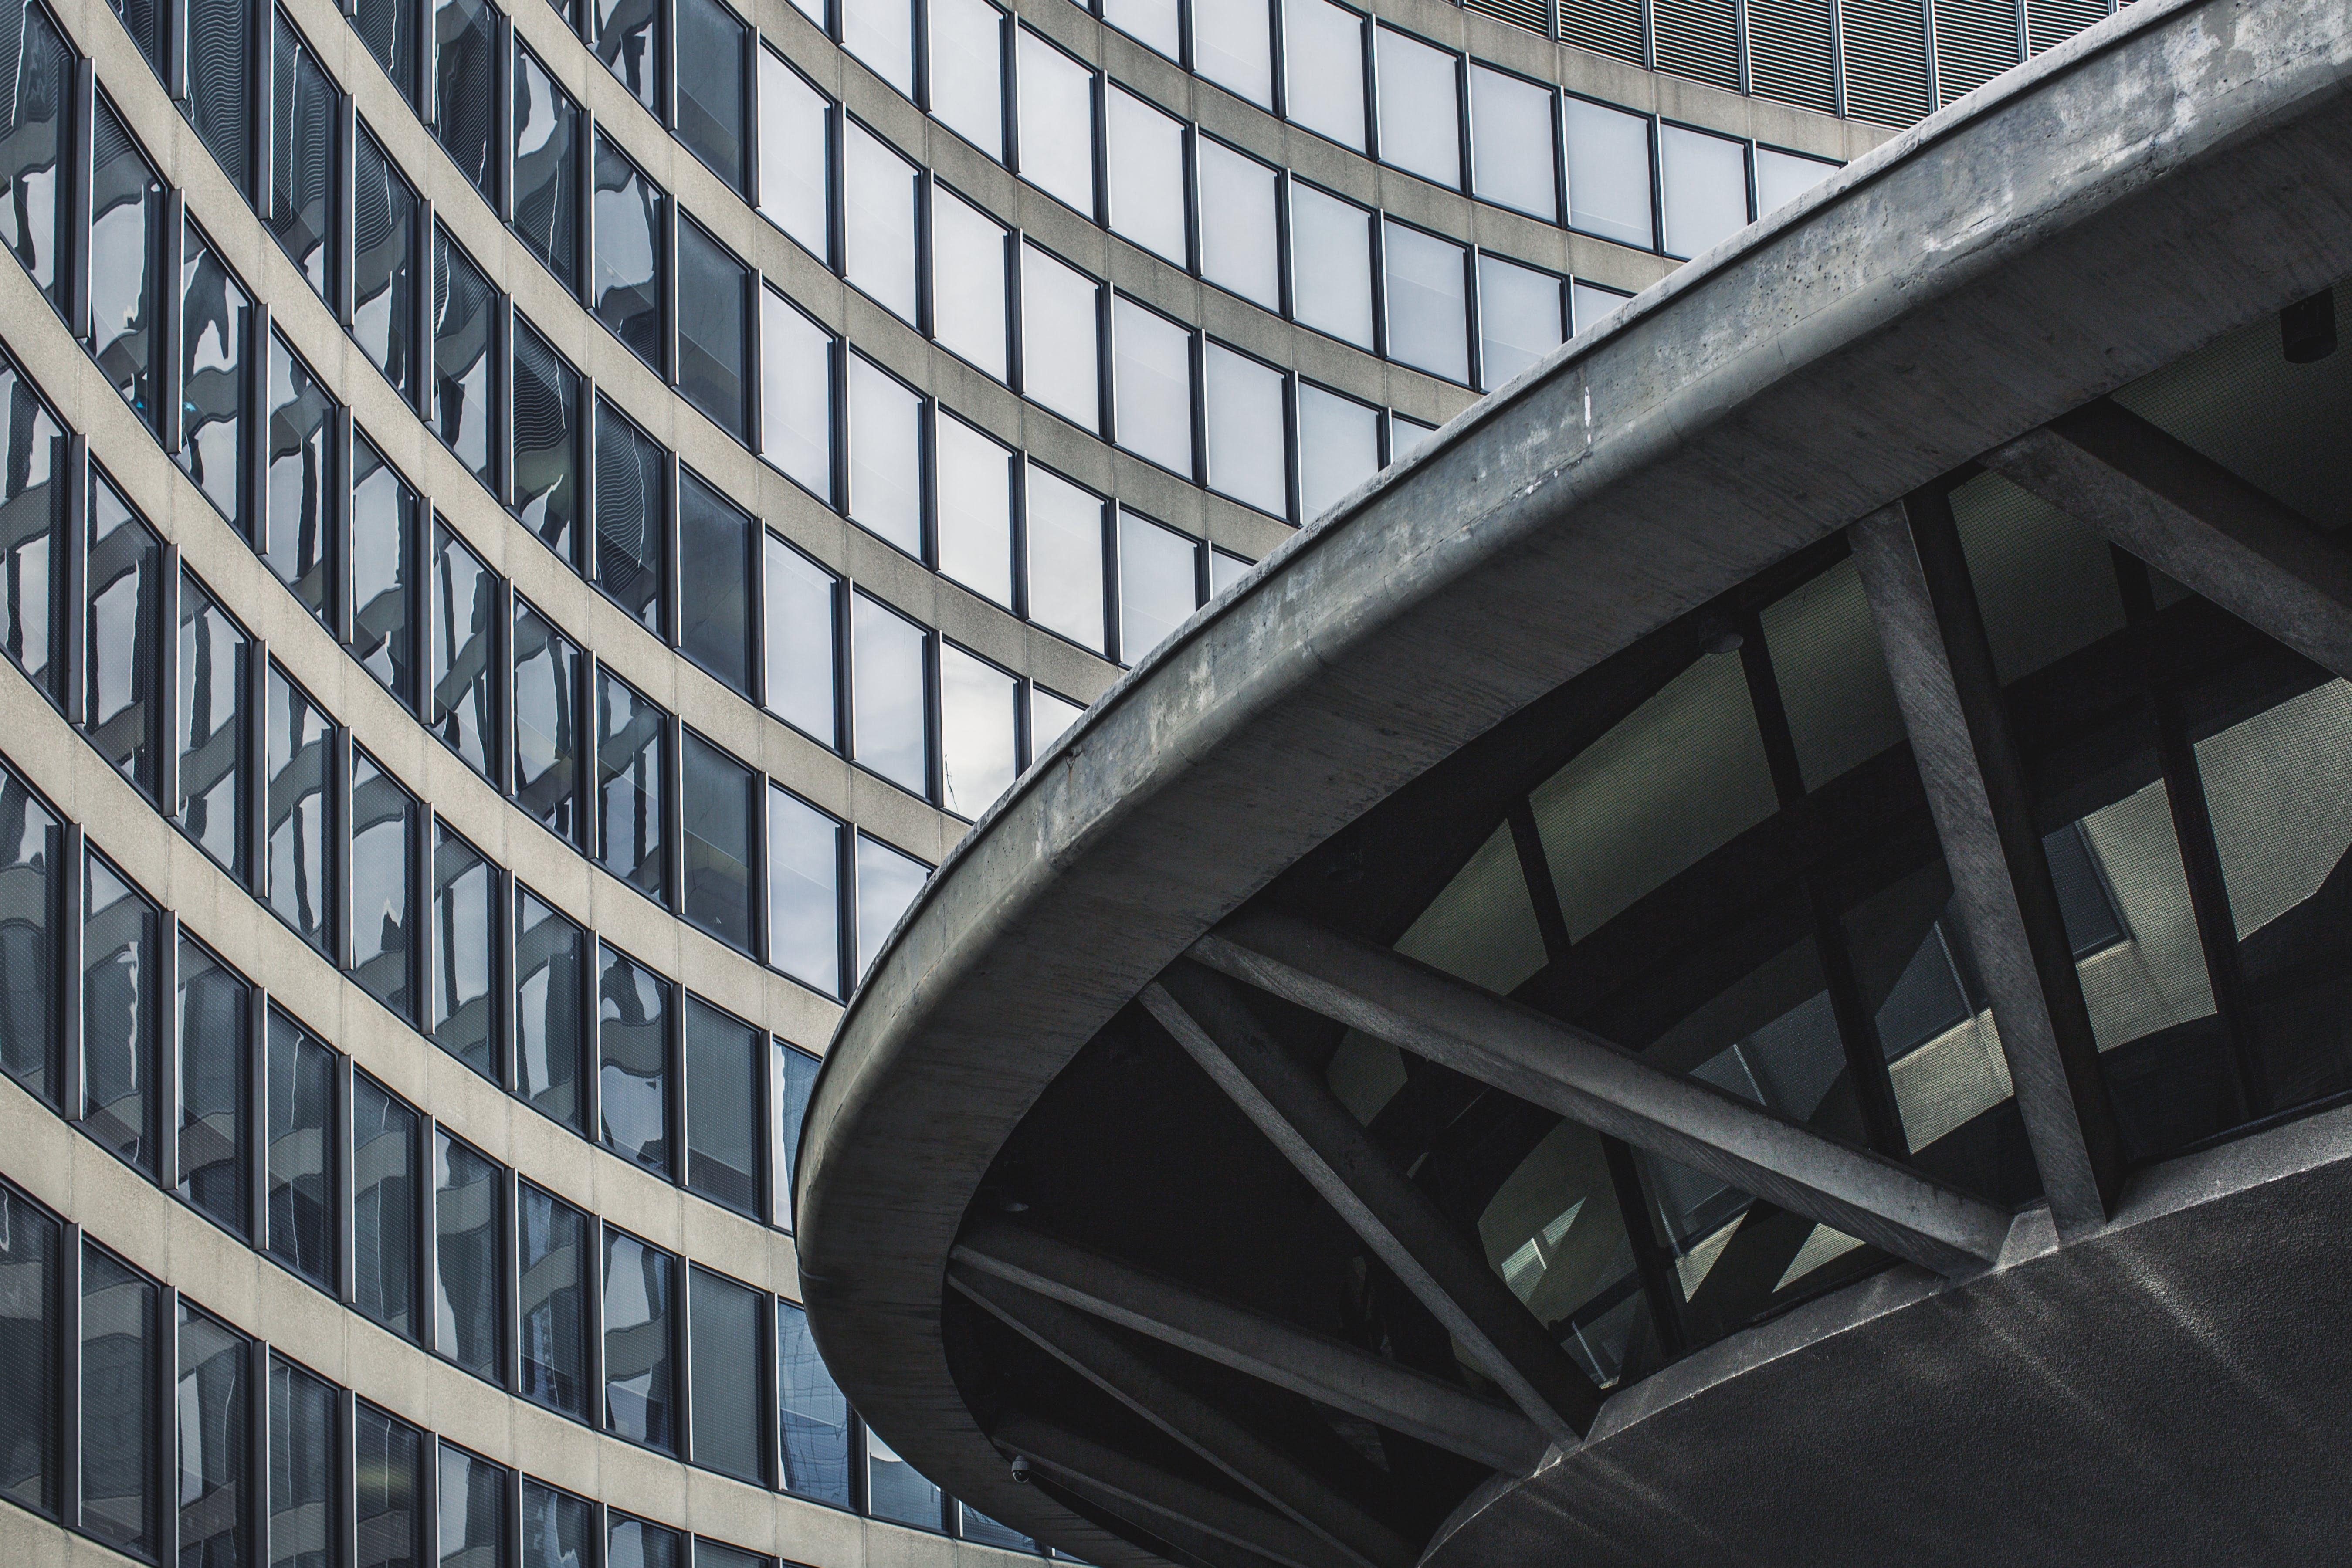 Foto profissional grátis de aparência, arquitetura, arranha-céu, artigos de vidro